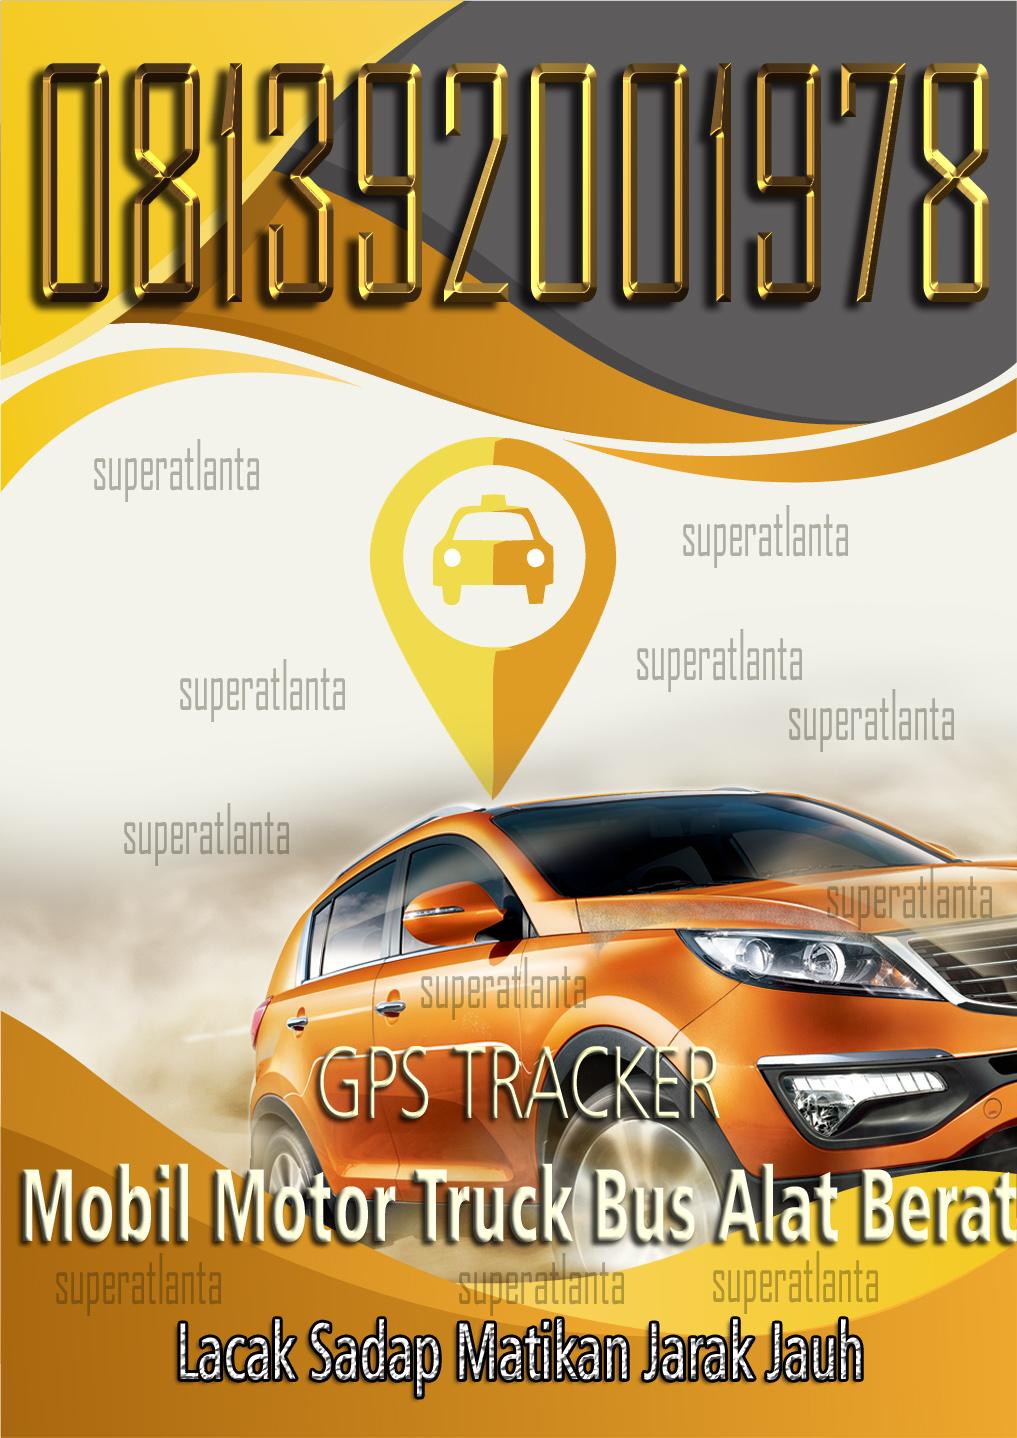 harga gps tracker semarang pasang murah untuk mobil motor truk bus alat berat